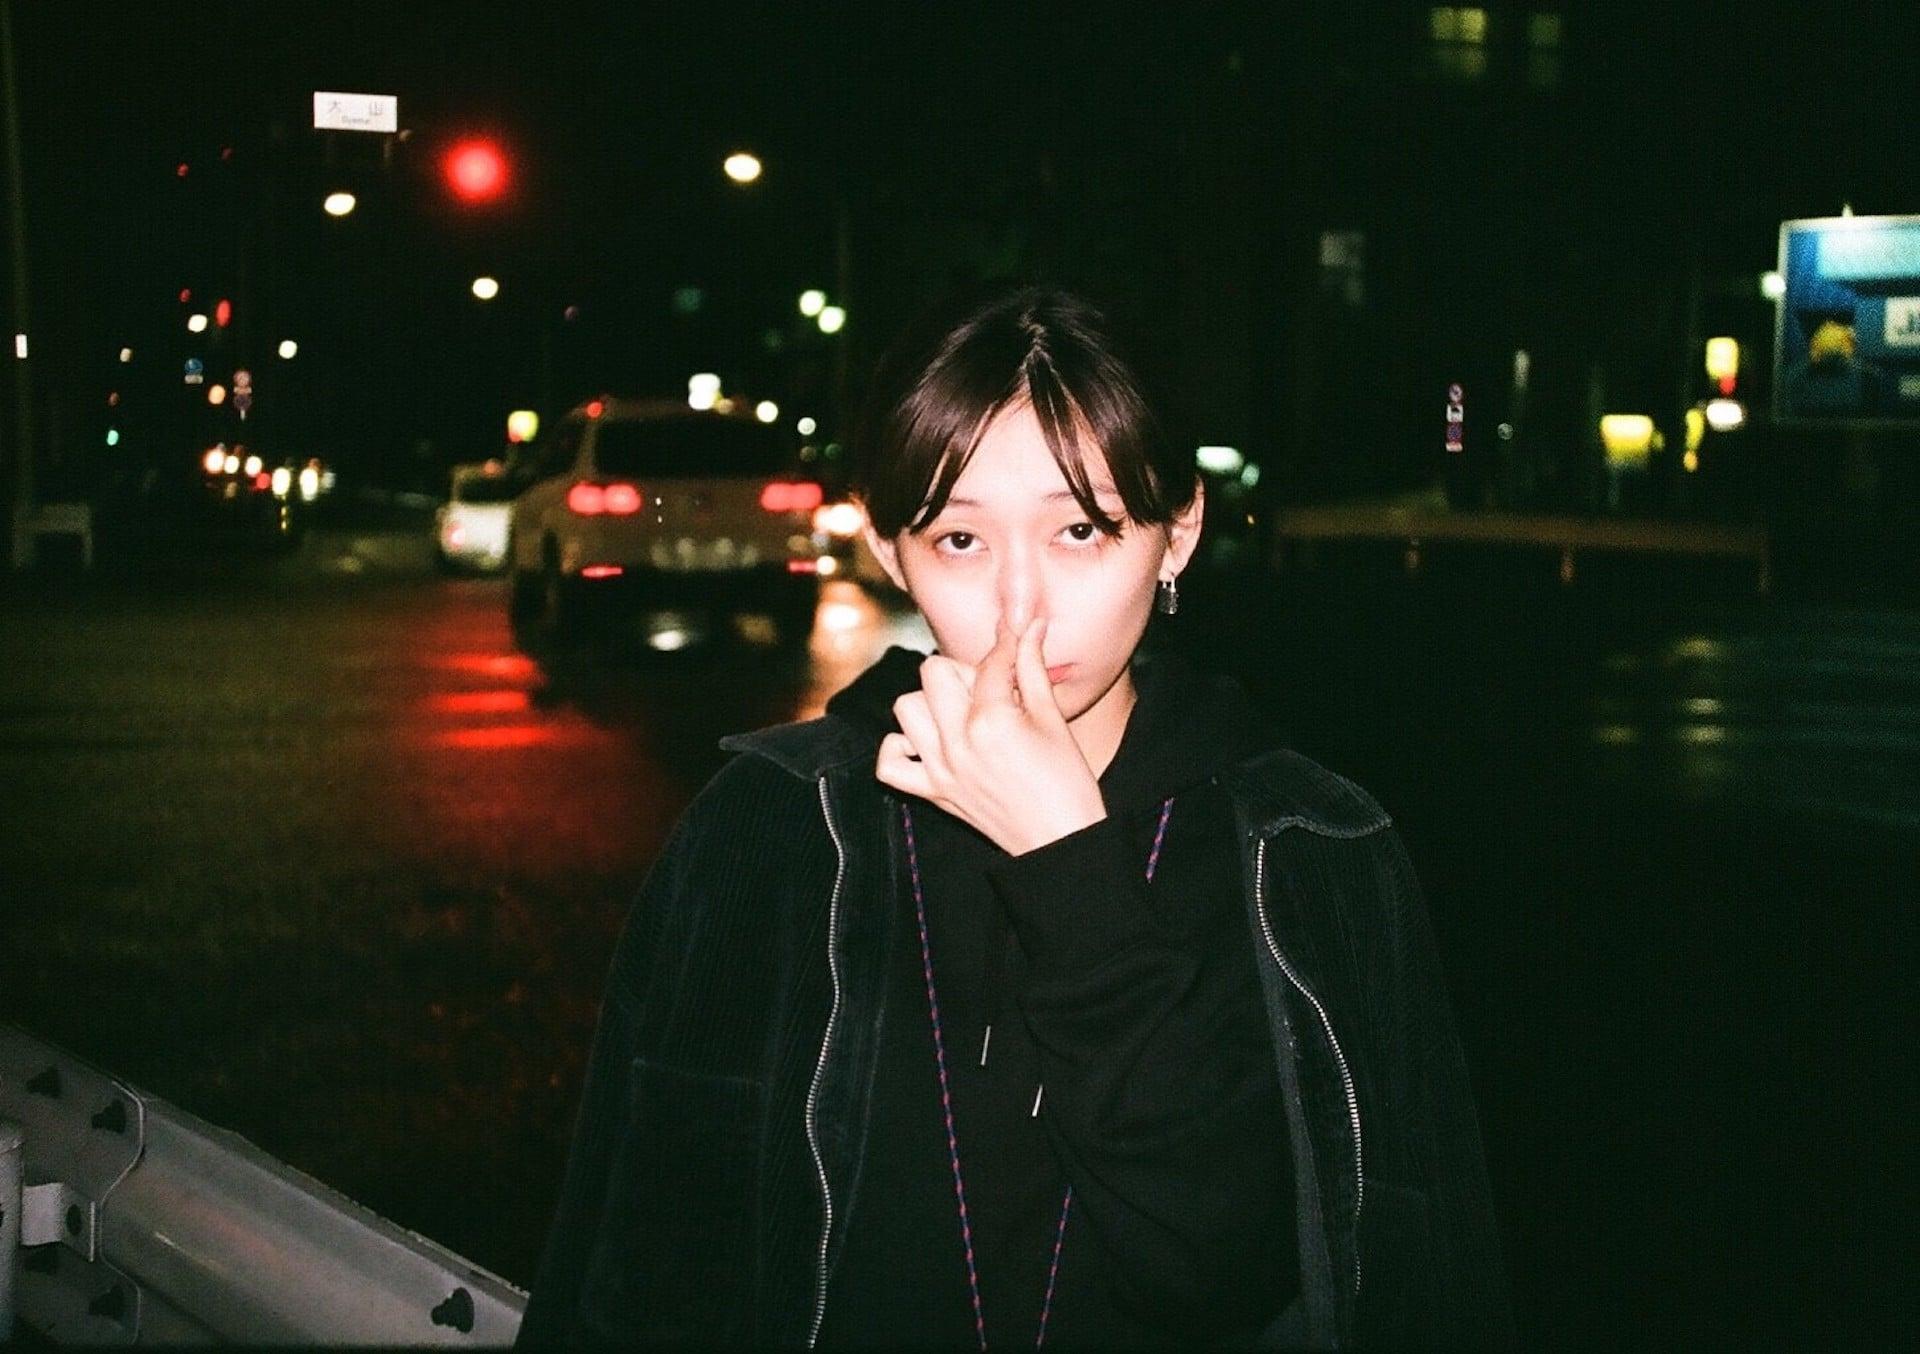 どうも東京の人にはなれなかったらしい|わたしわるくないもん column181129-rarara-2-1920x1354